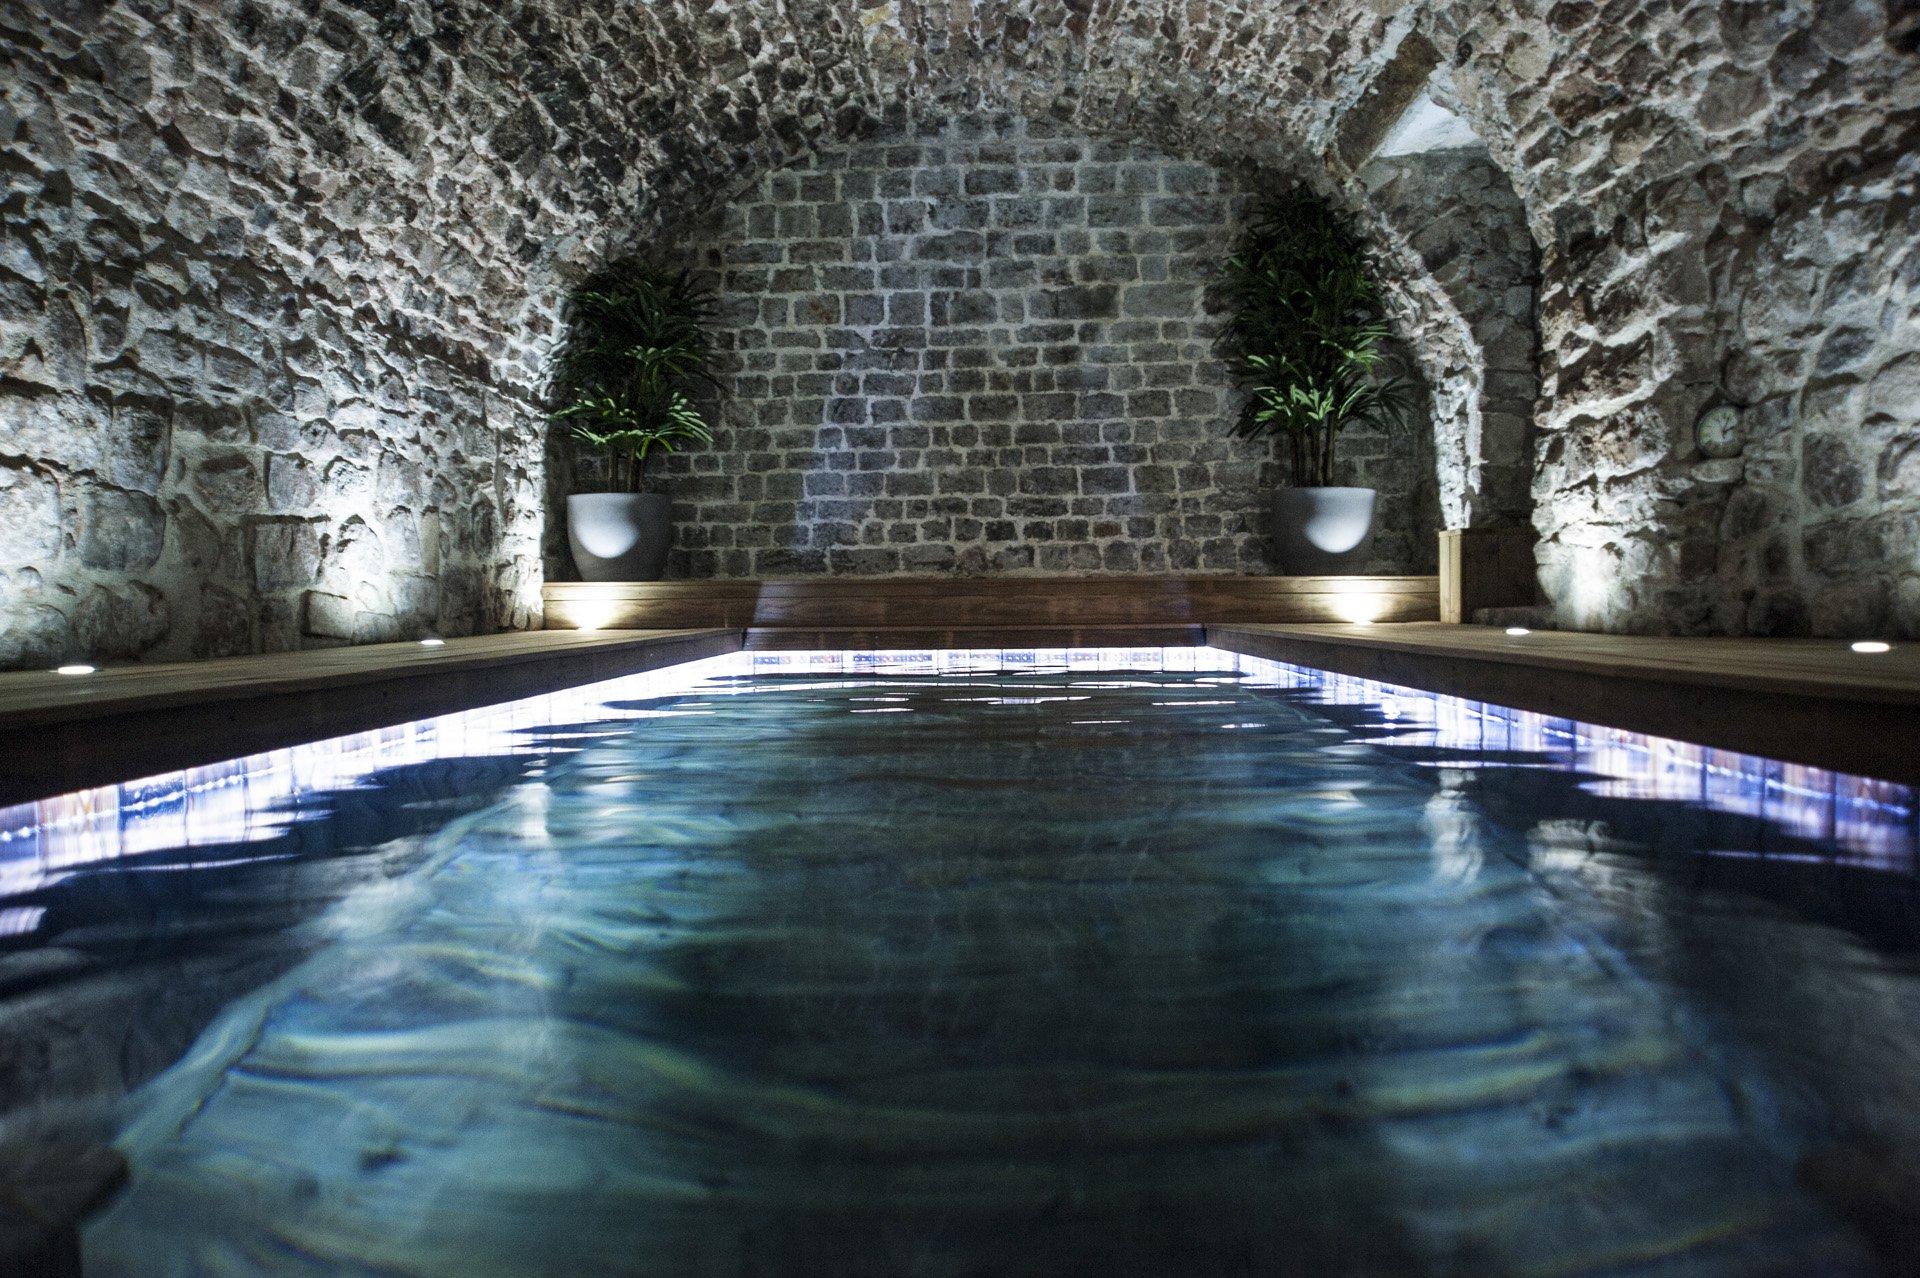 piscine intérieure Bastide 18 ième siècle 750 m², sur 2 ha chambres d'hôtes, le luc, var, provence